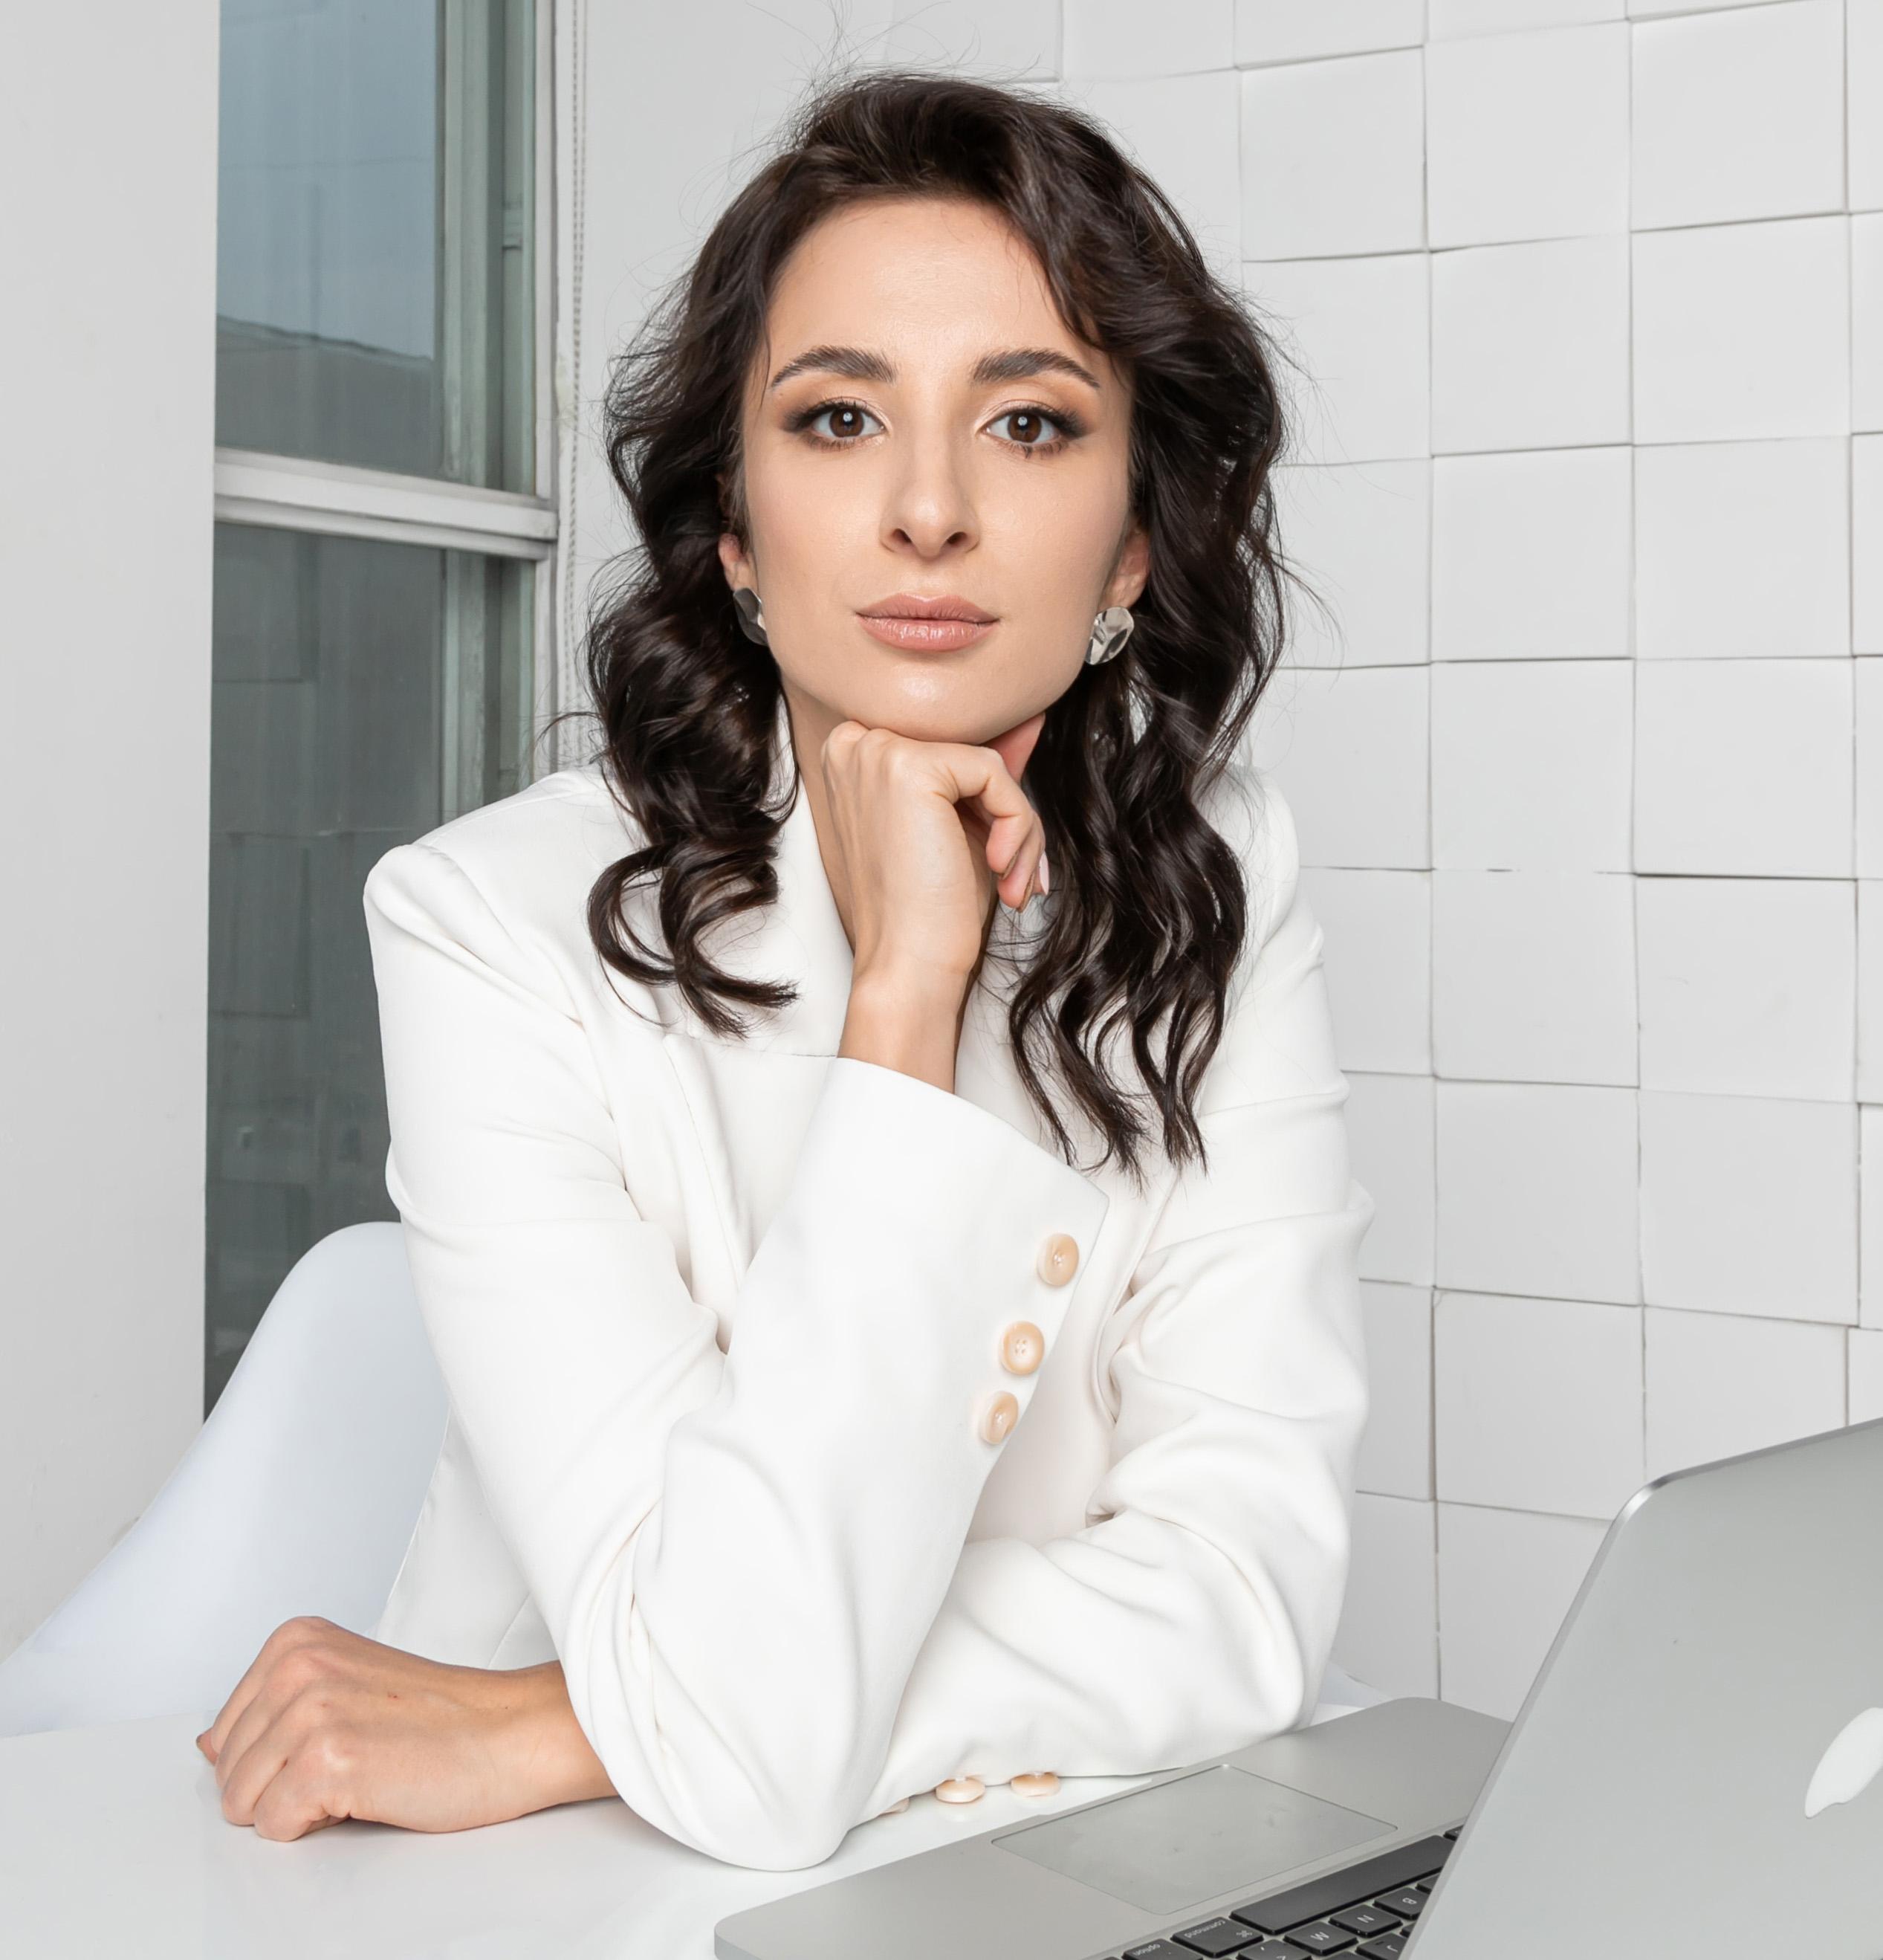 Дарья Верестникова, коммерческий директор компании SafeTech